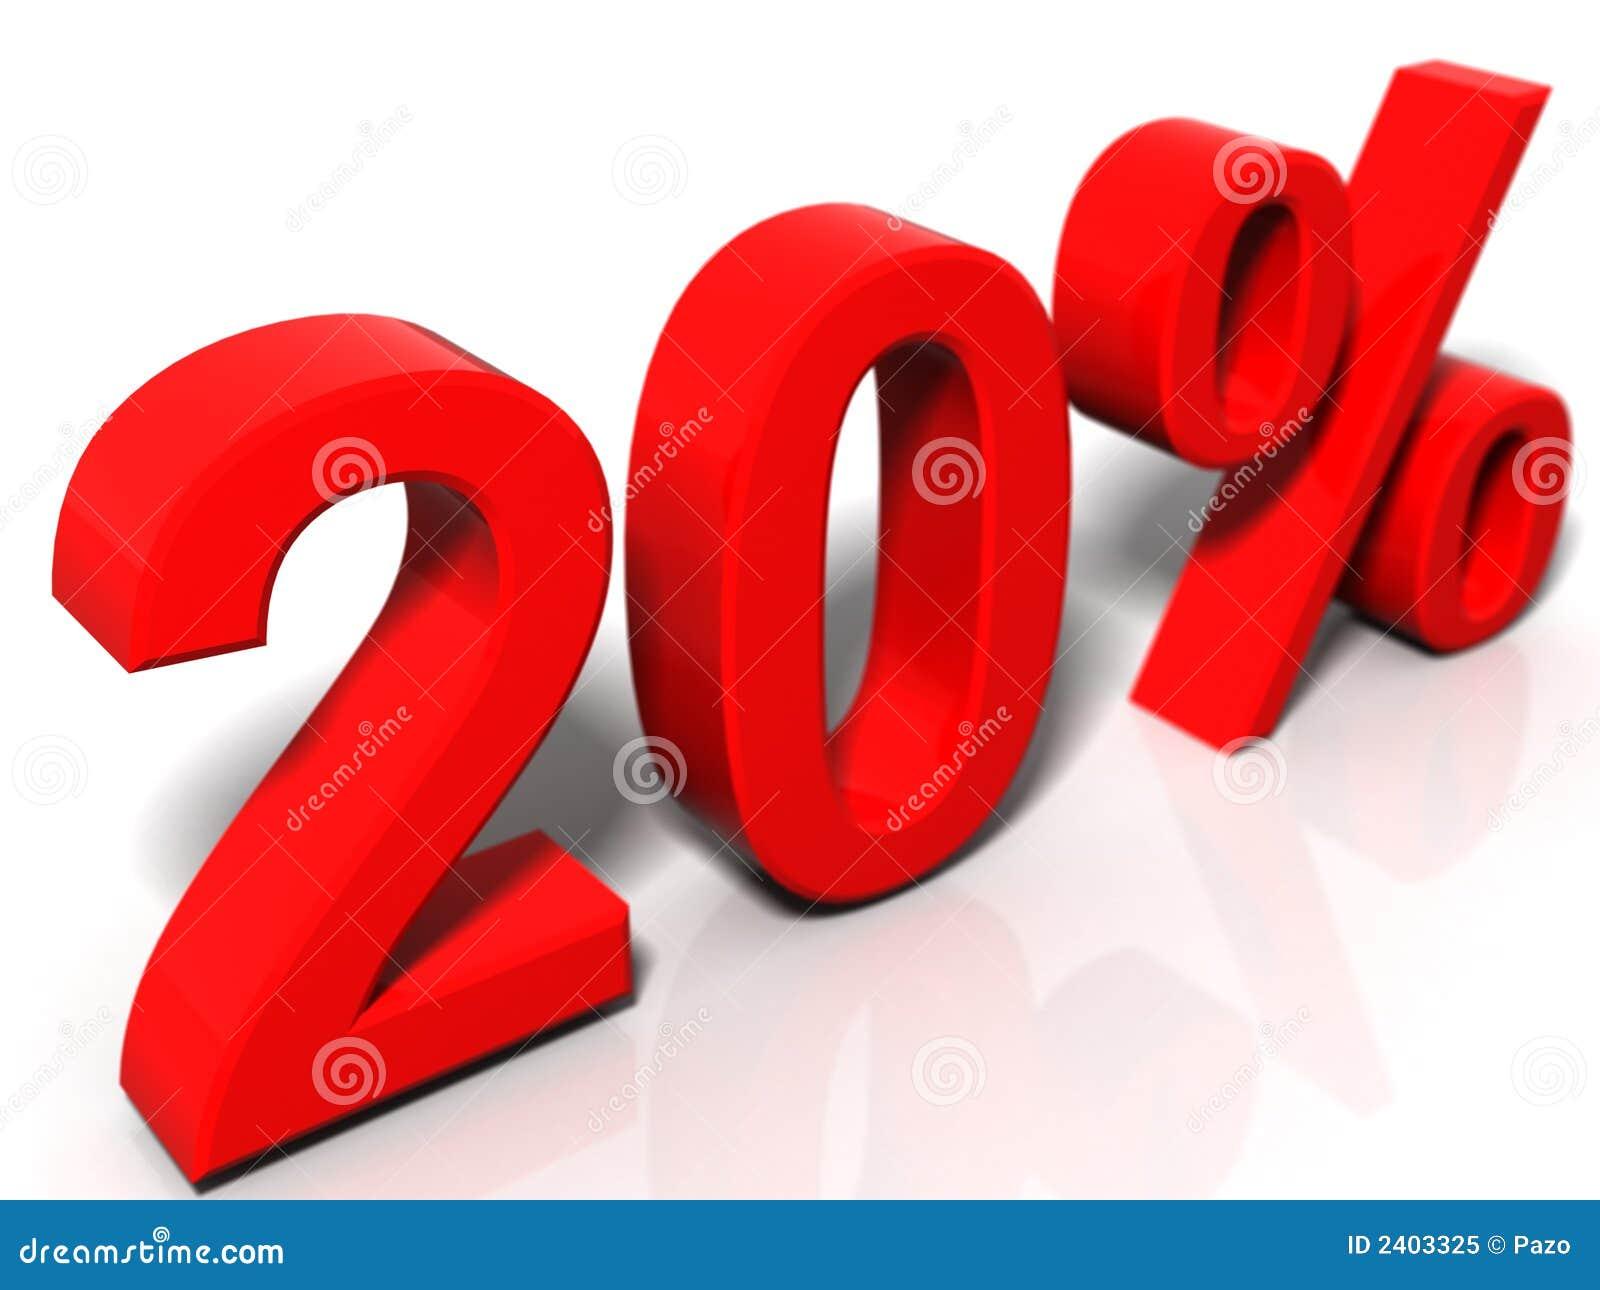 20 pour cent illustration stock illustration du promotion 2403325. Black Bedroom Furniture Sets. Home Design Ideas